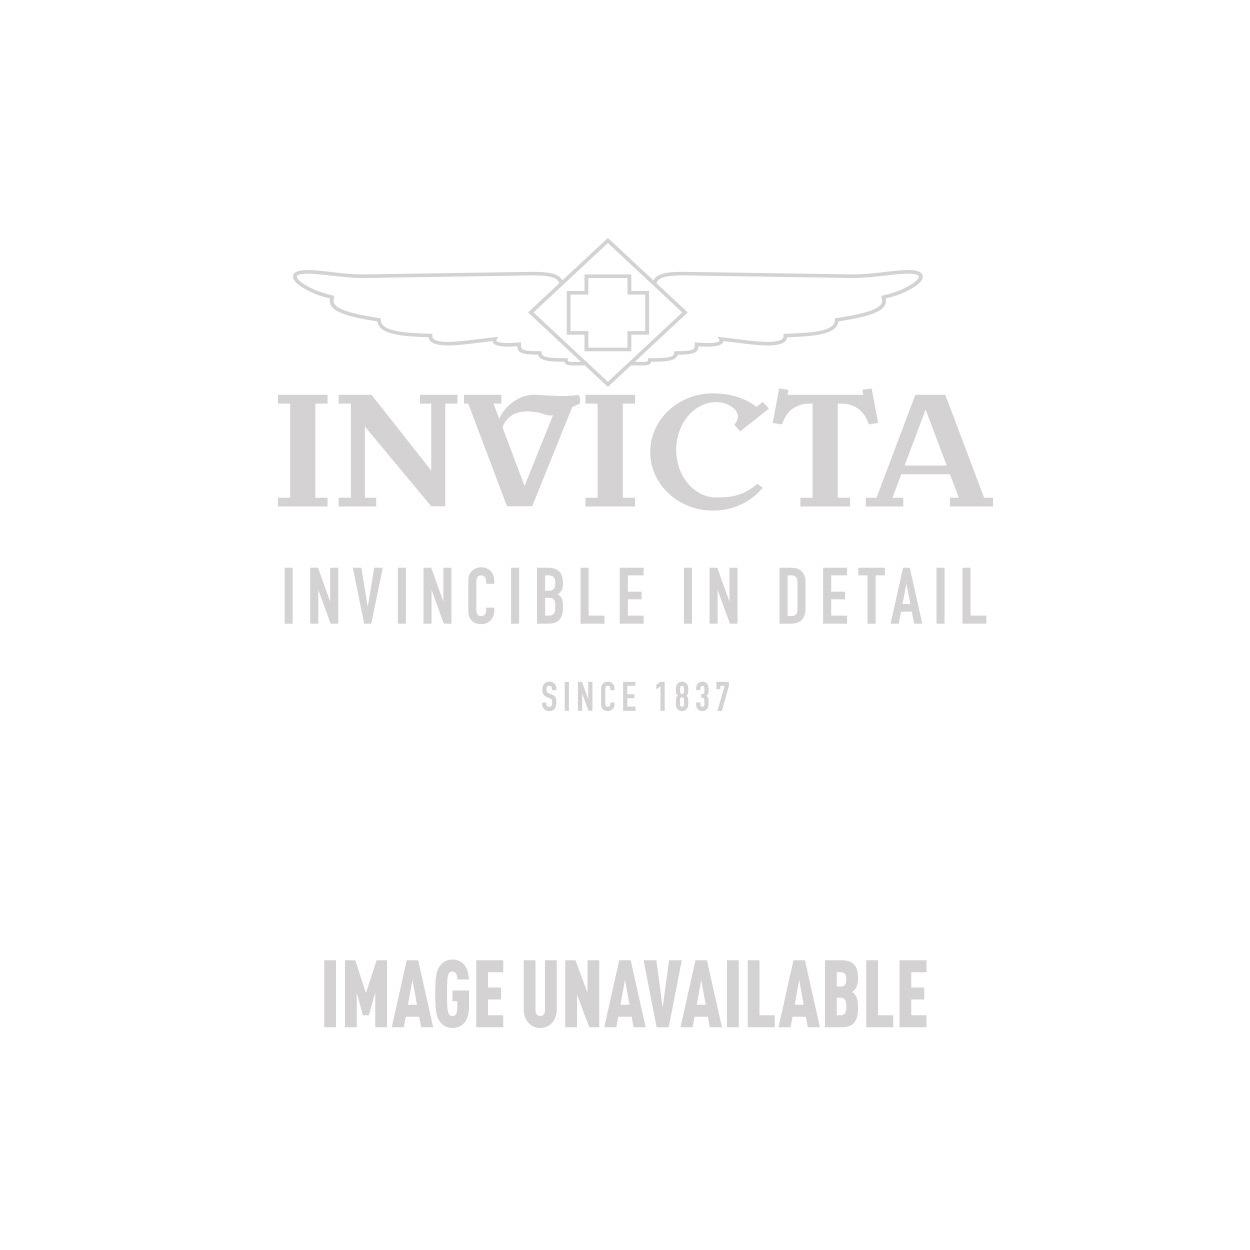 Invicta Model 25481